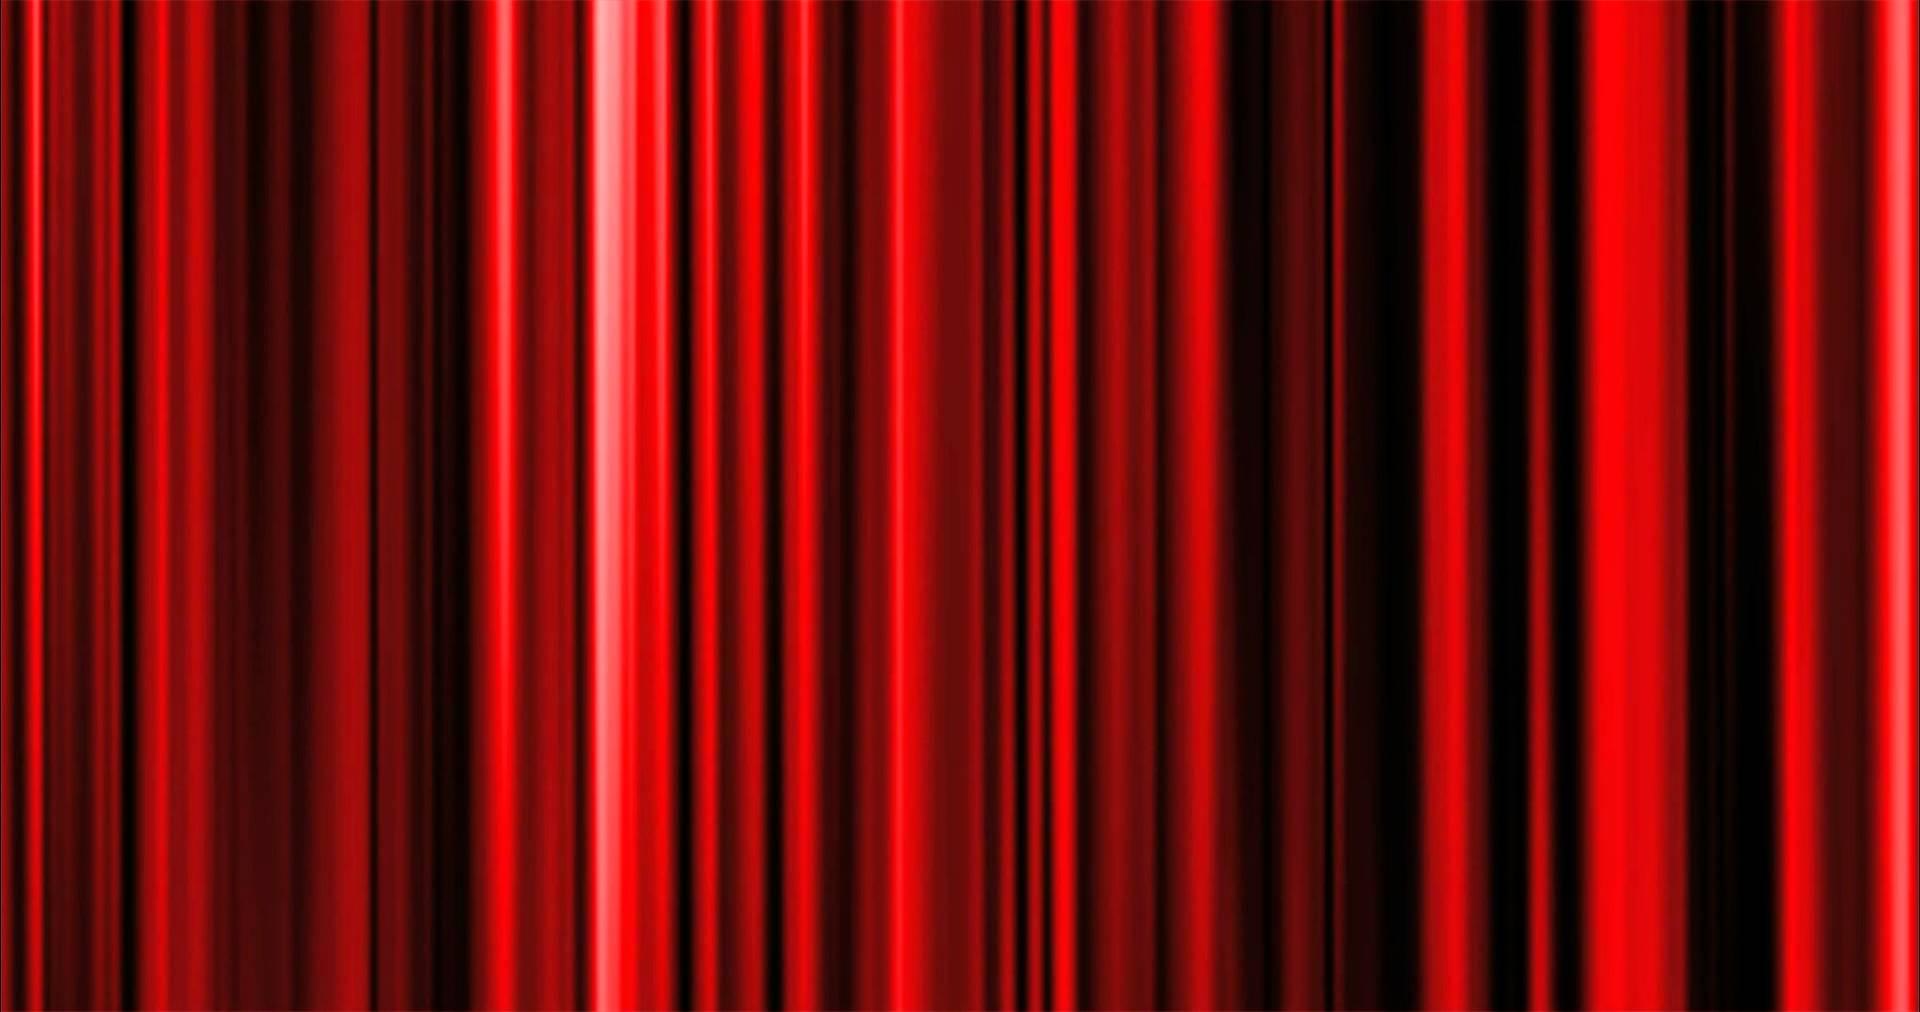 Red Curtain Backdrop Banner MenzilperdeNet